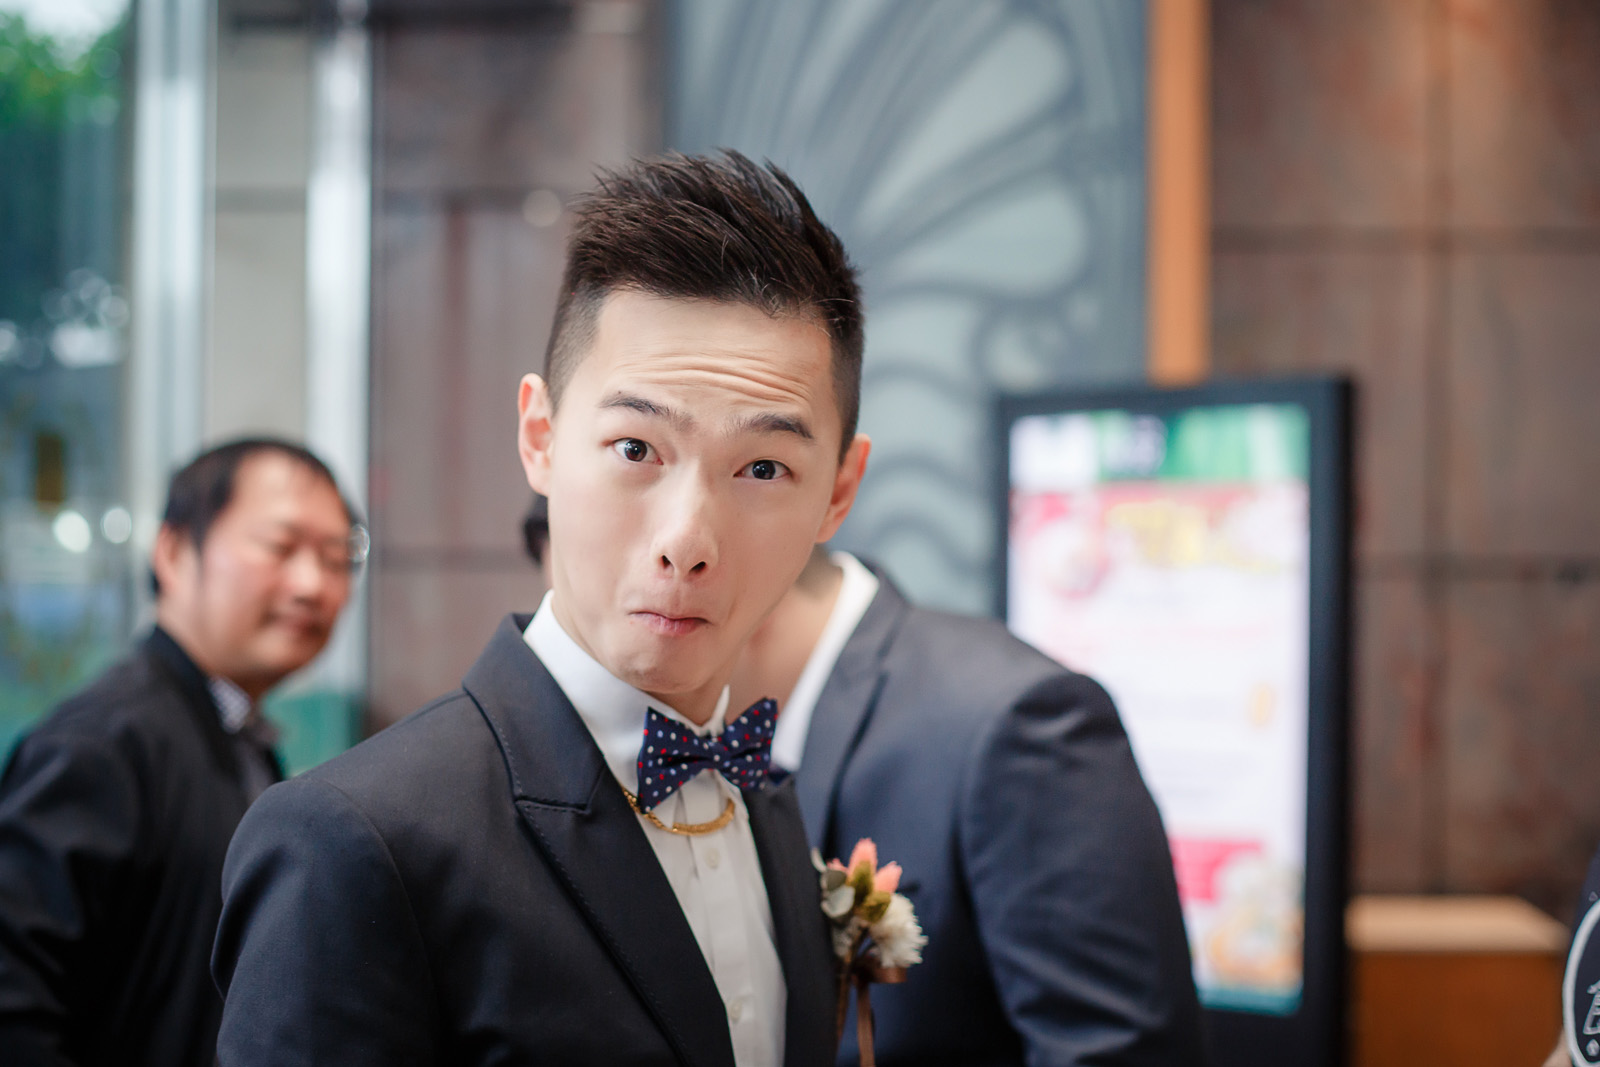 高雄圓山飯店,婚禮攝影,婚攝,高雄婚攝,優質婚攝推薦,Jen&Ethan-098